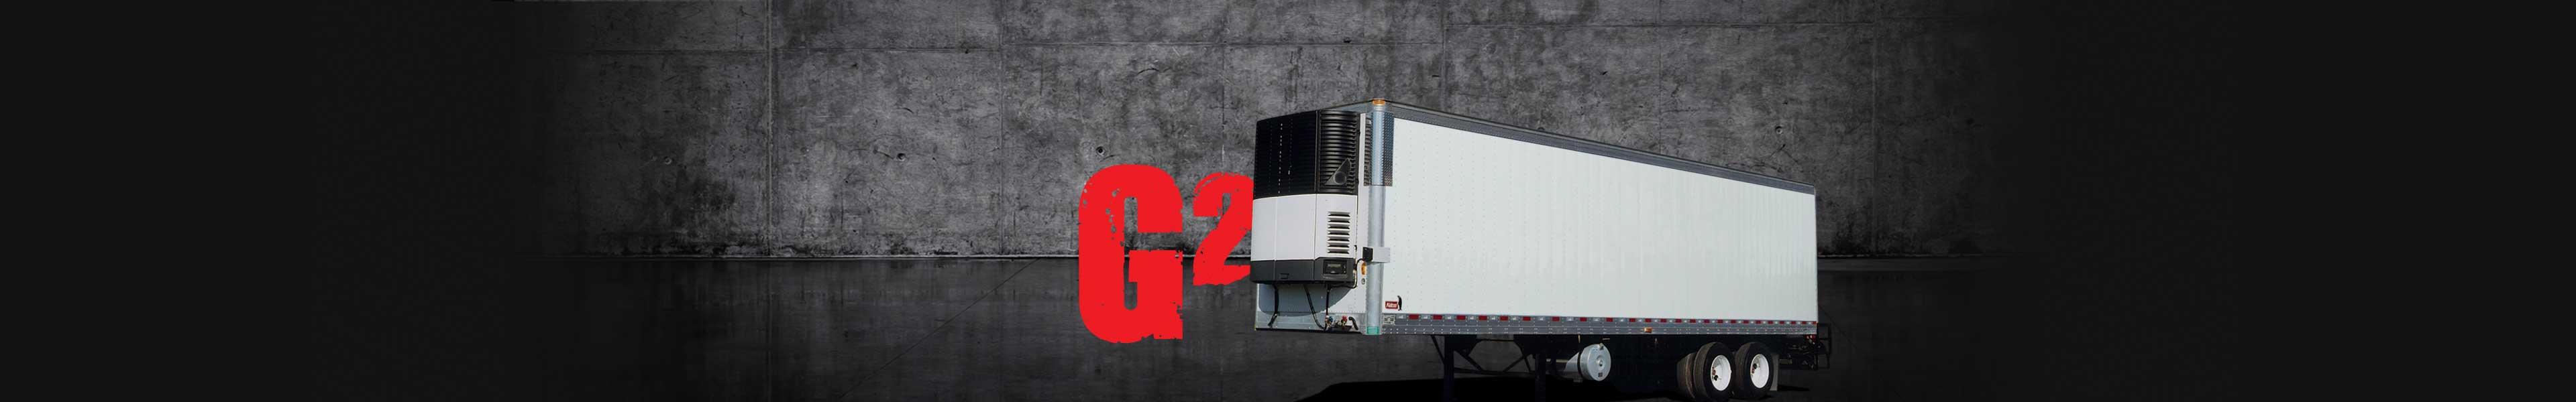 G2 Banner